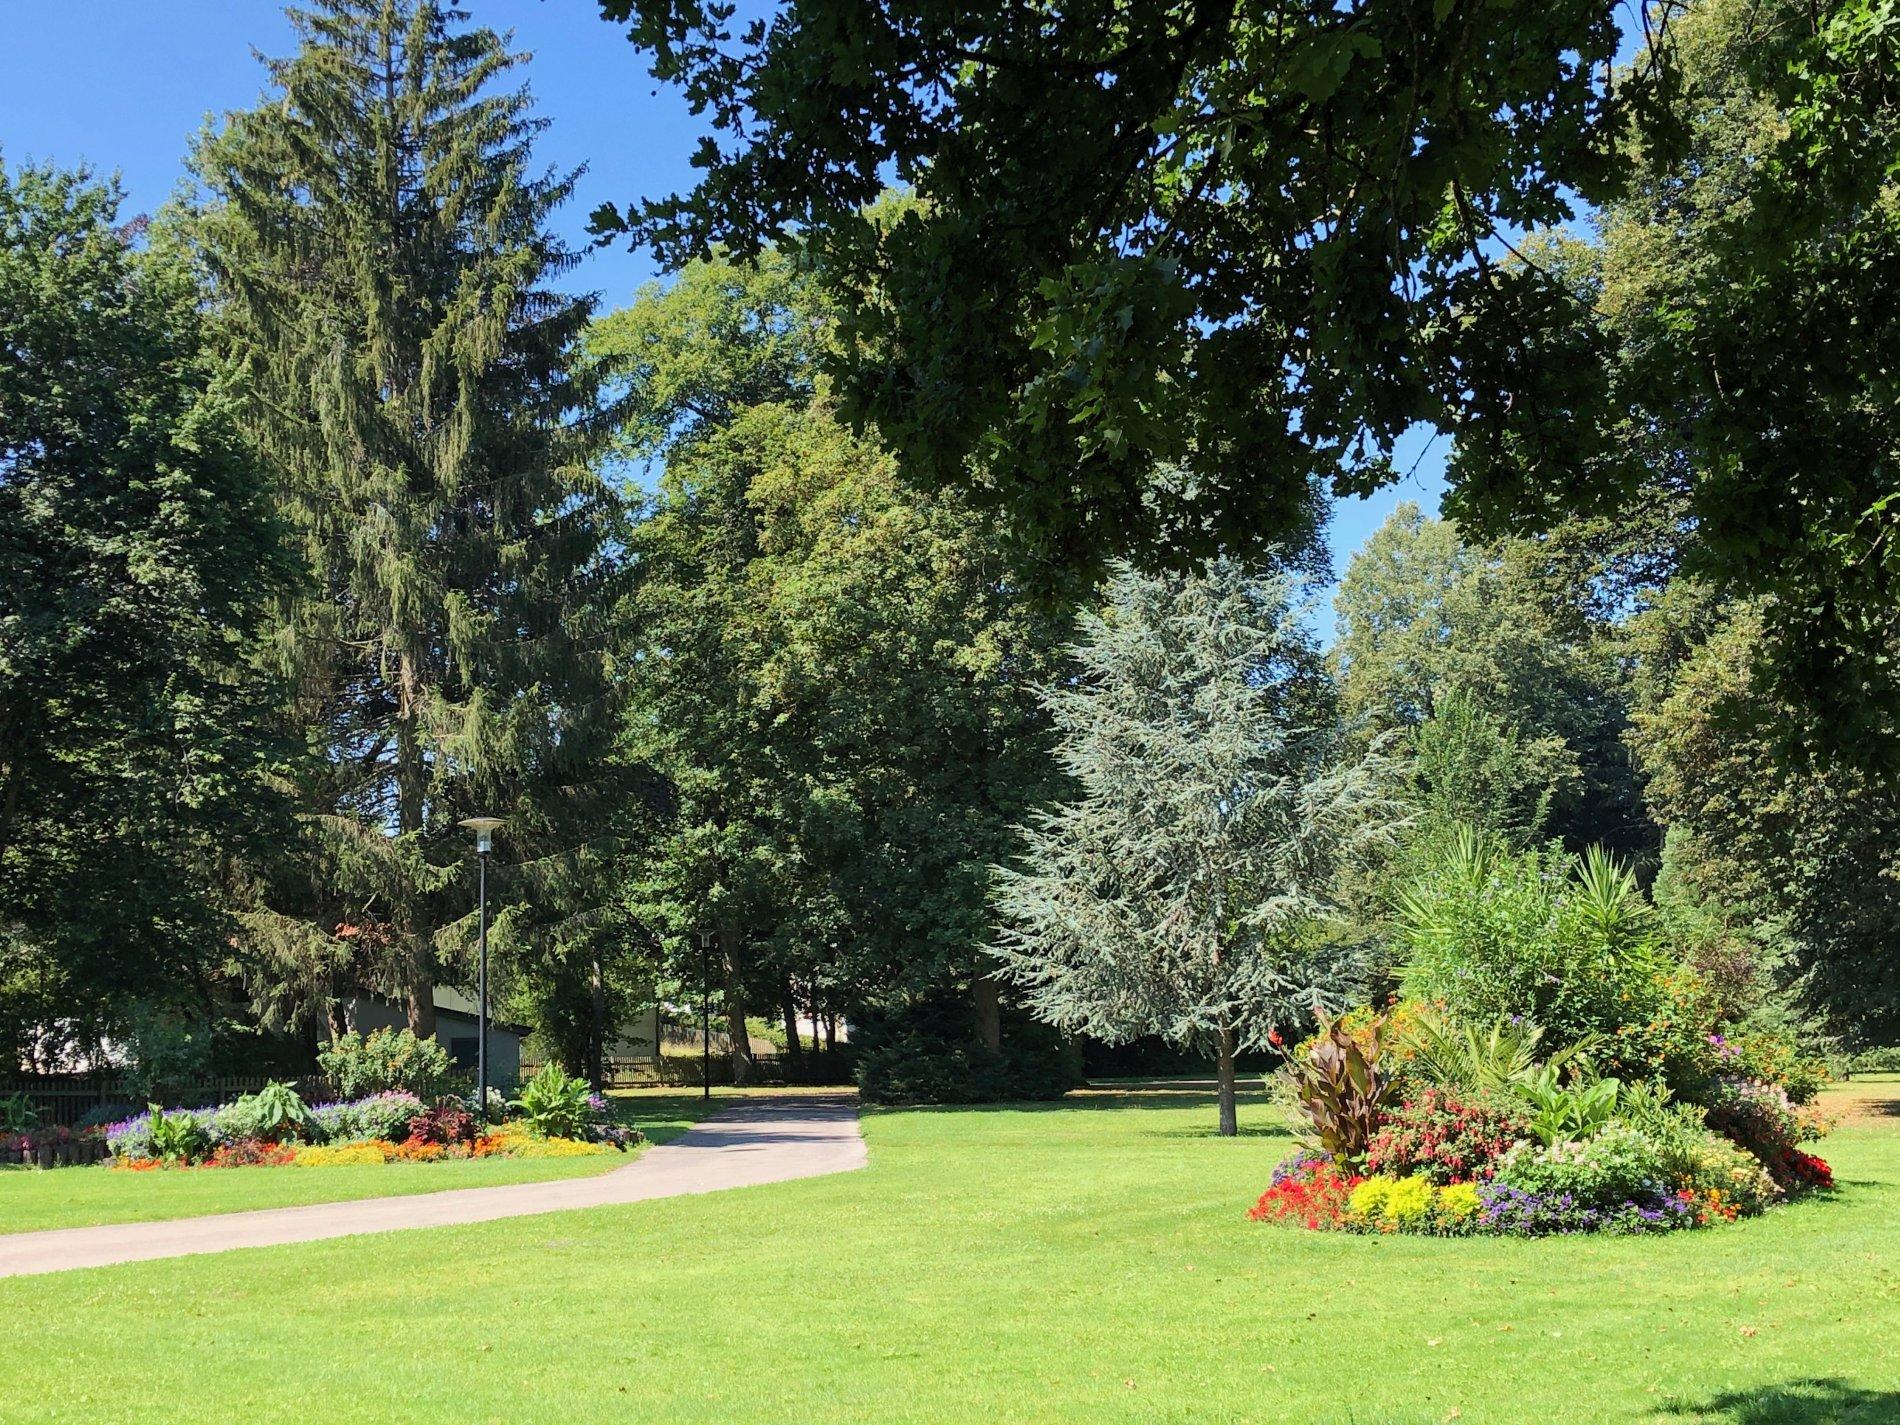 Wunderschöne Bepflanzung im Stadtgarten